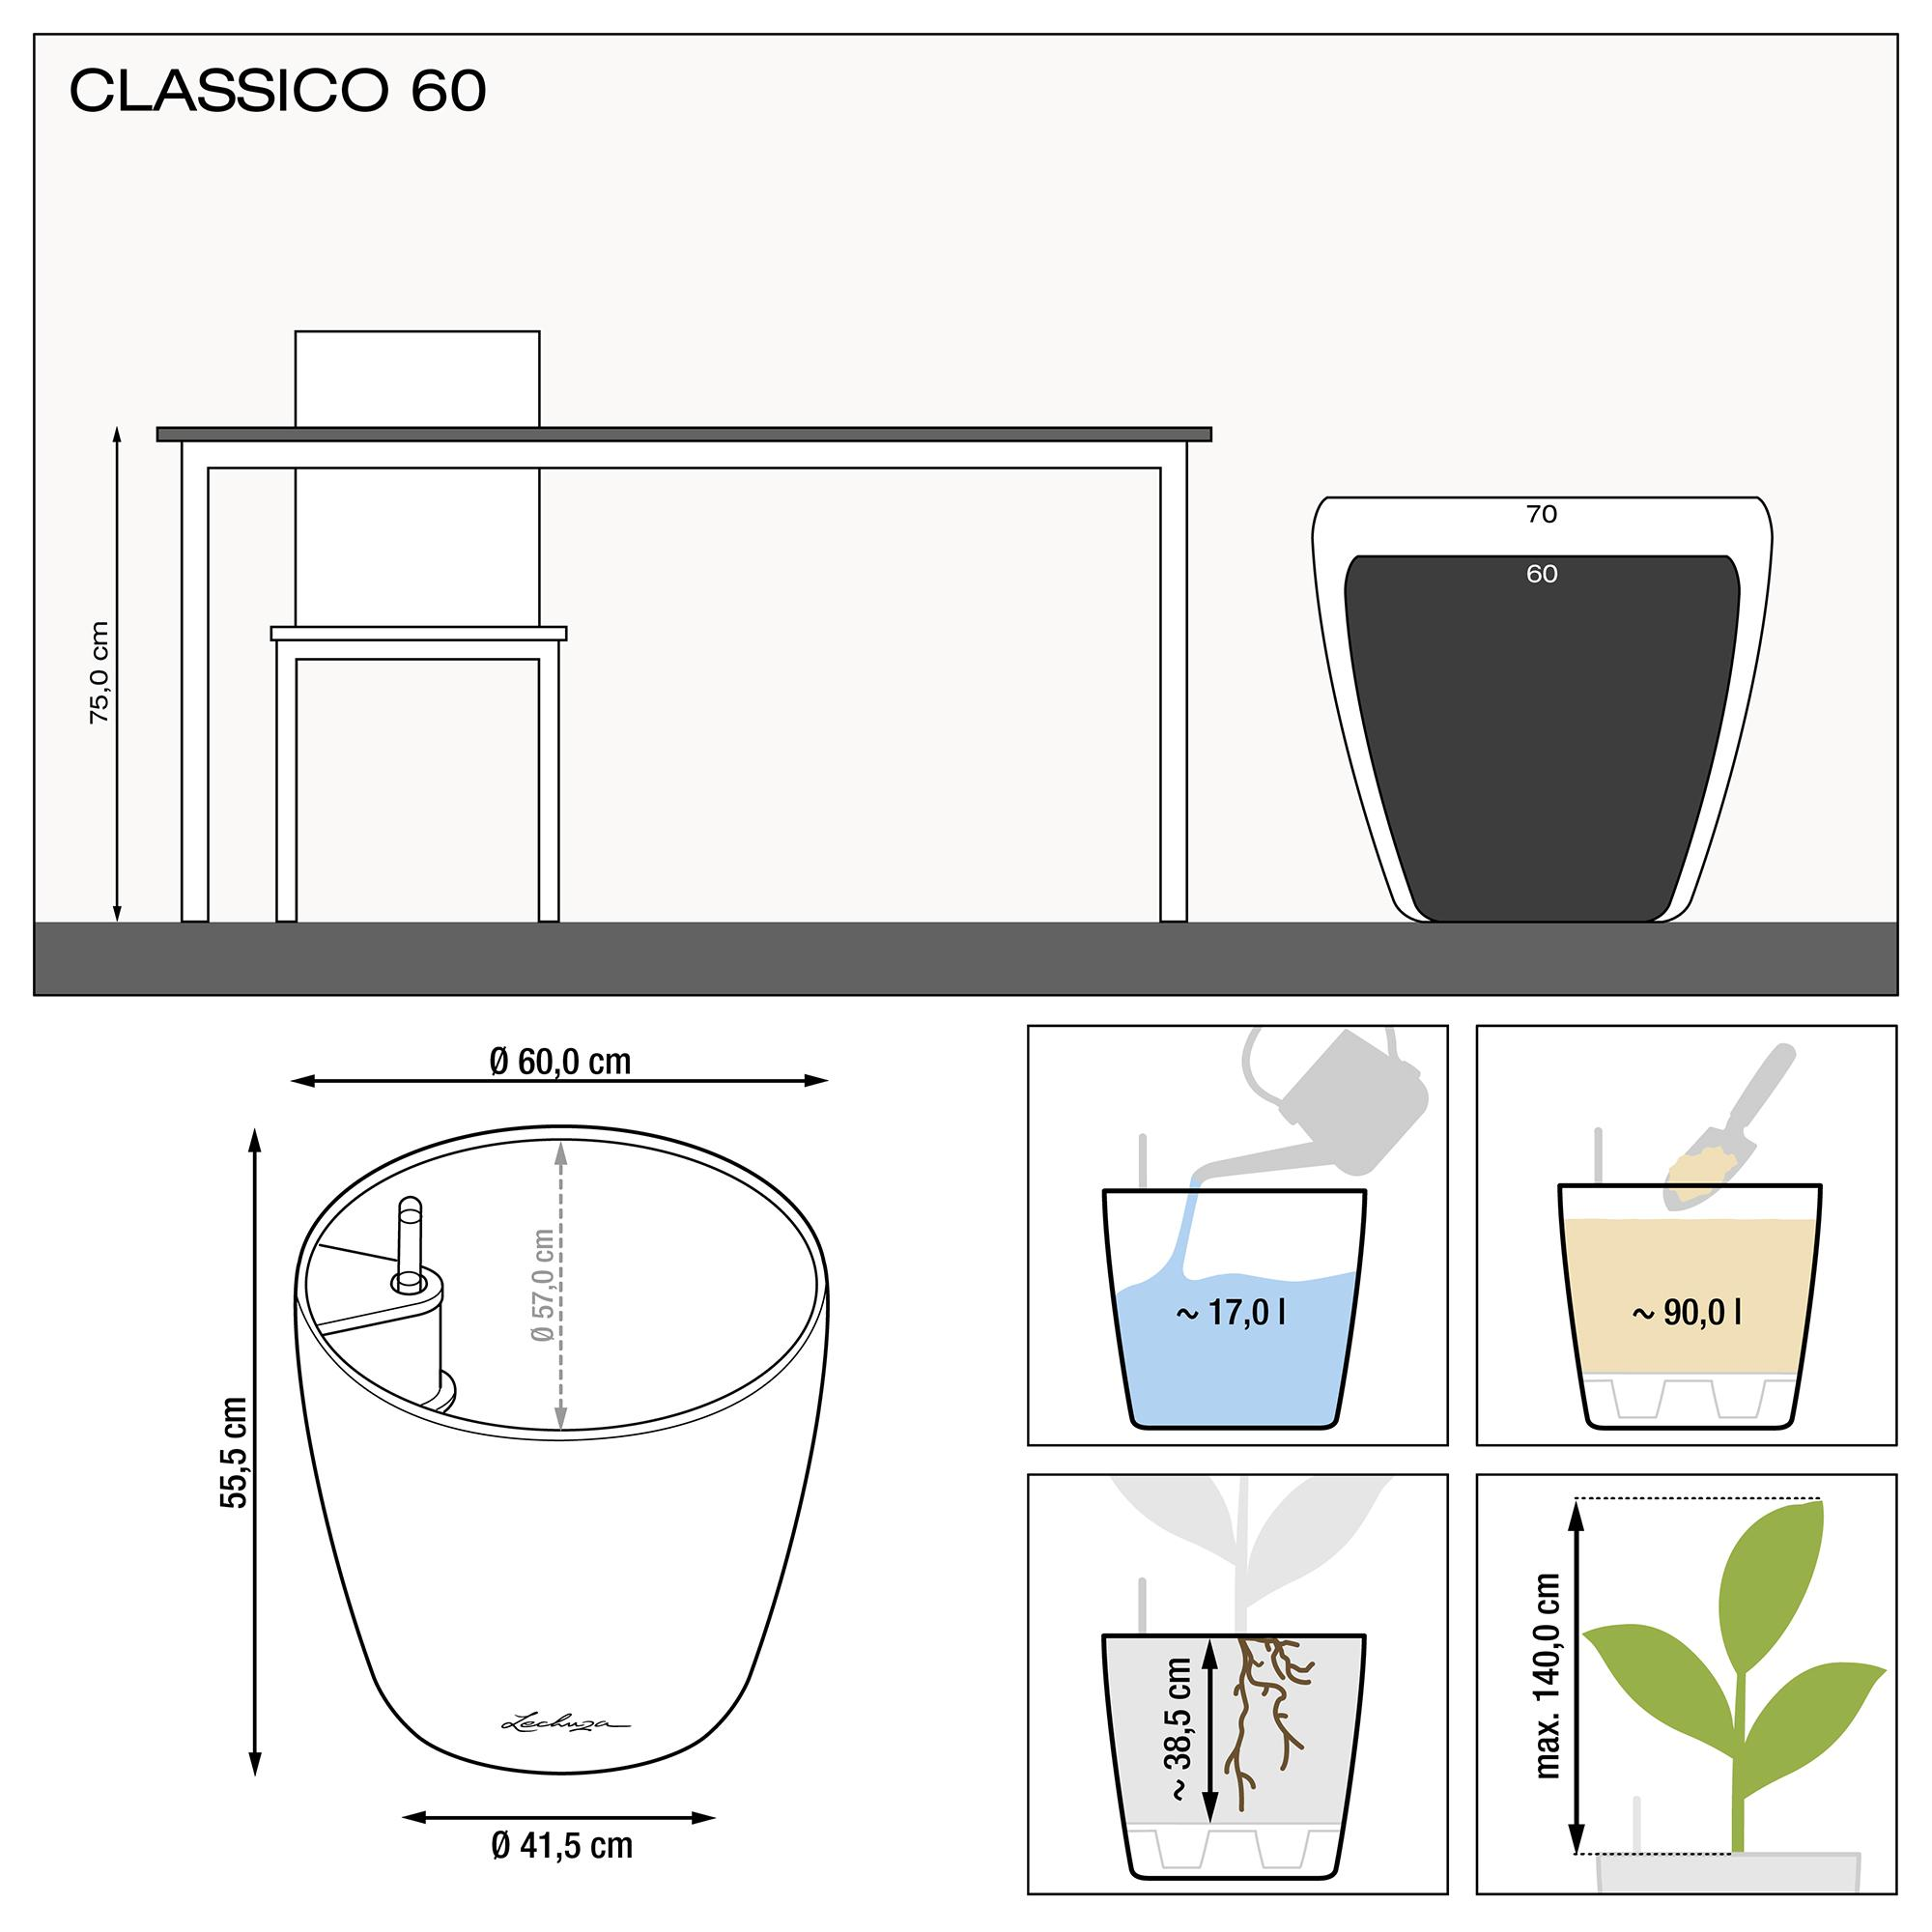 CLASSICO 60 espresso metallic - Image 1